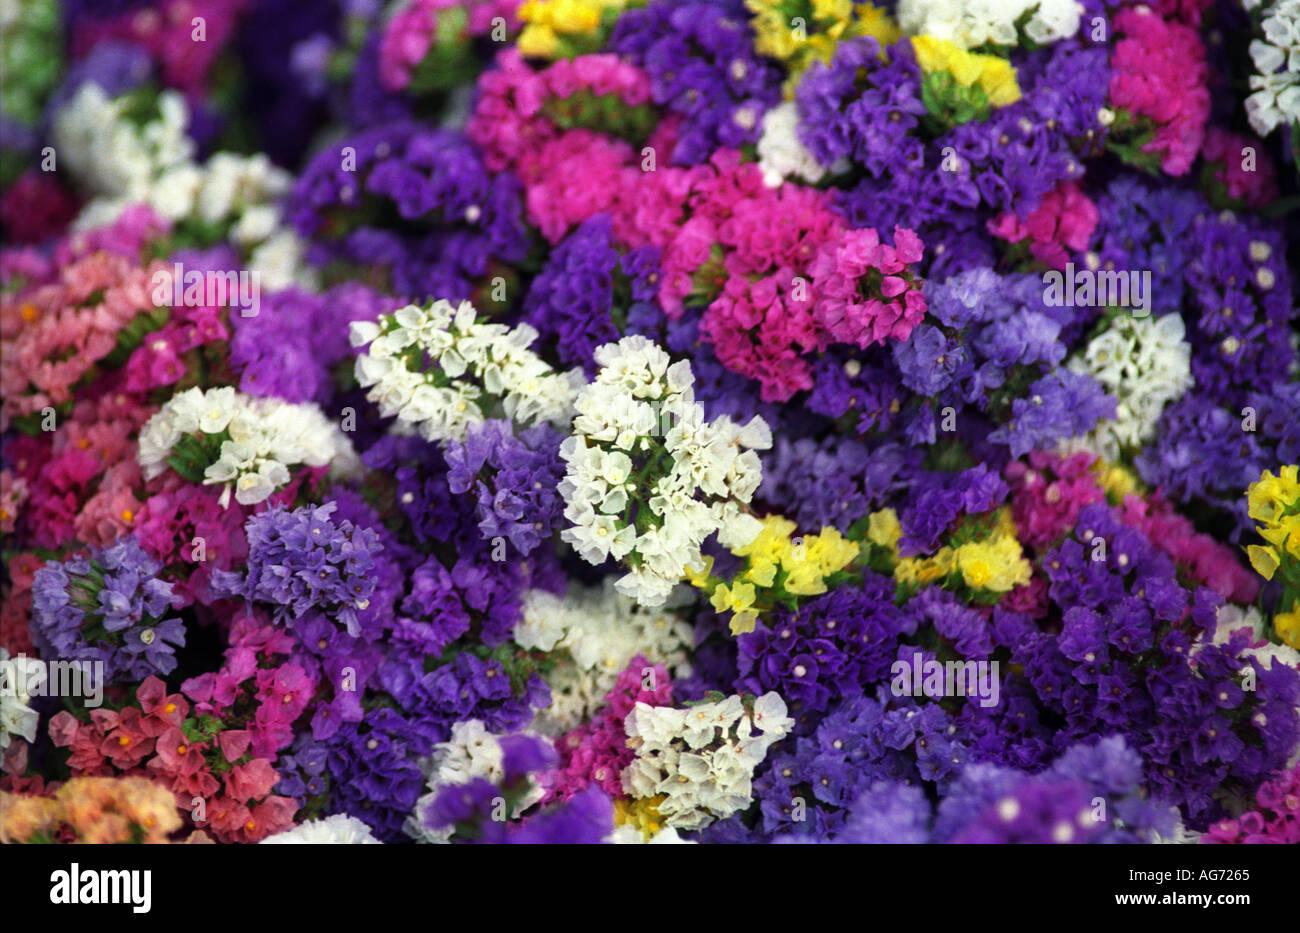 Mixes Bunch Of Spring Flowers Tasmania Australia 1750 Stock Photo